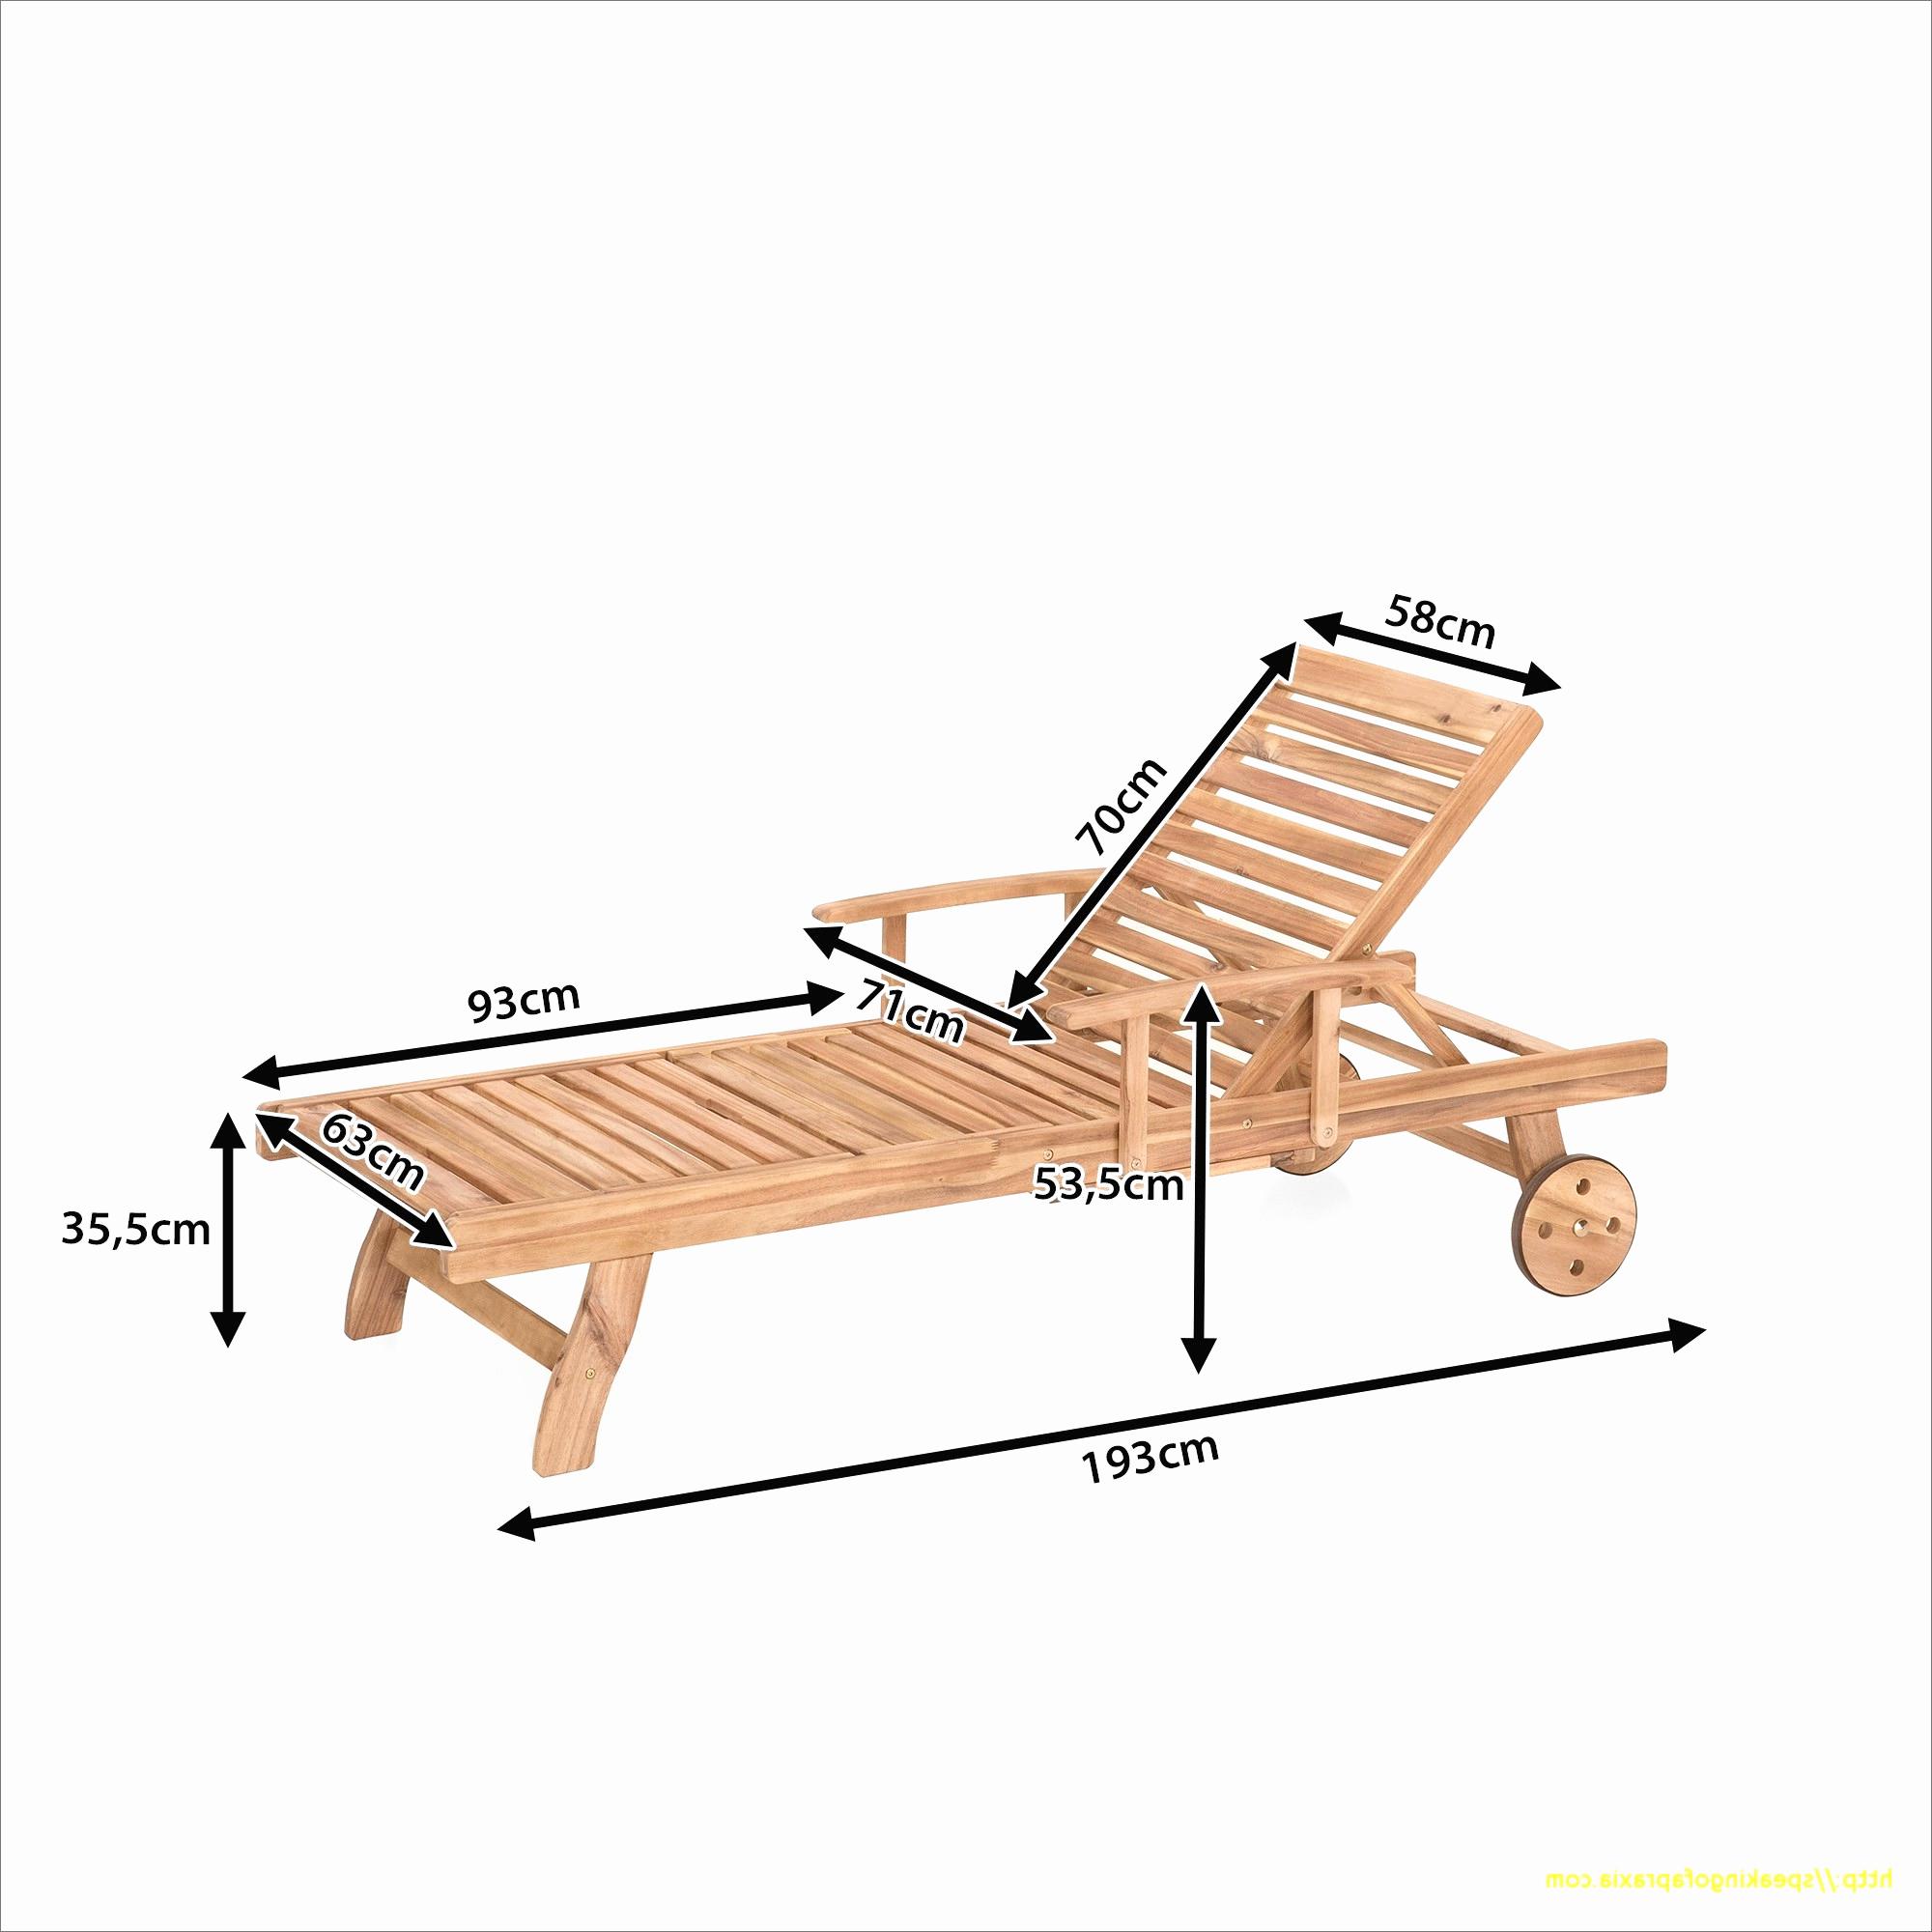 chaise longue jardin bois charmant chaise jardin bois genial 58 genial chaise longue de jardin de chaise longue jardin bois